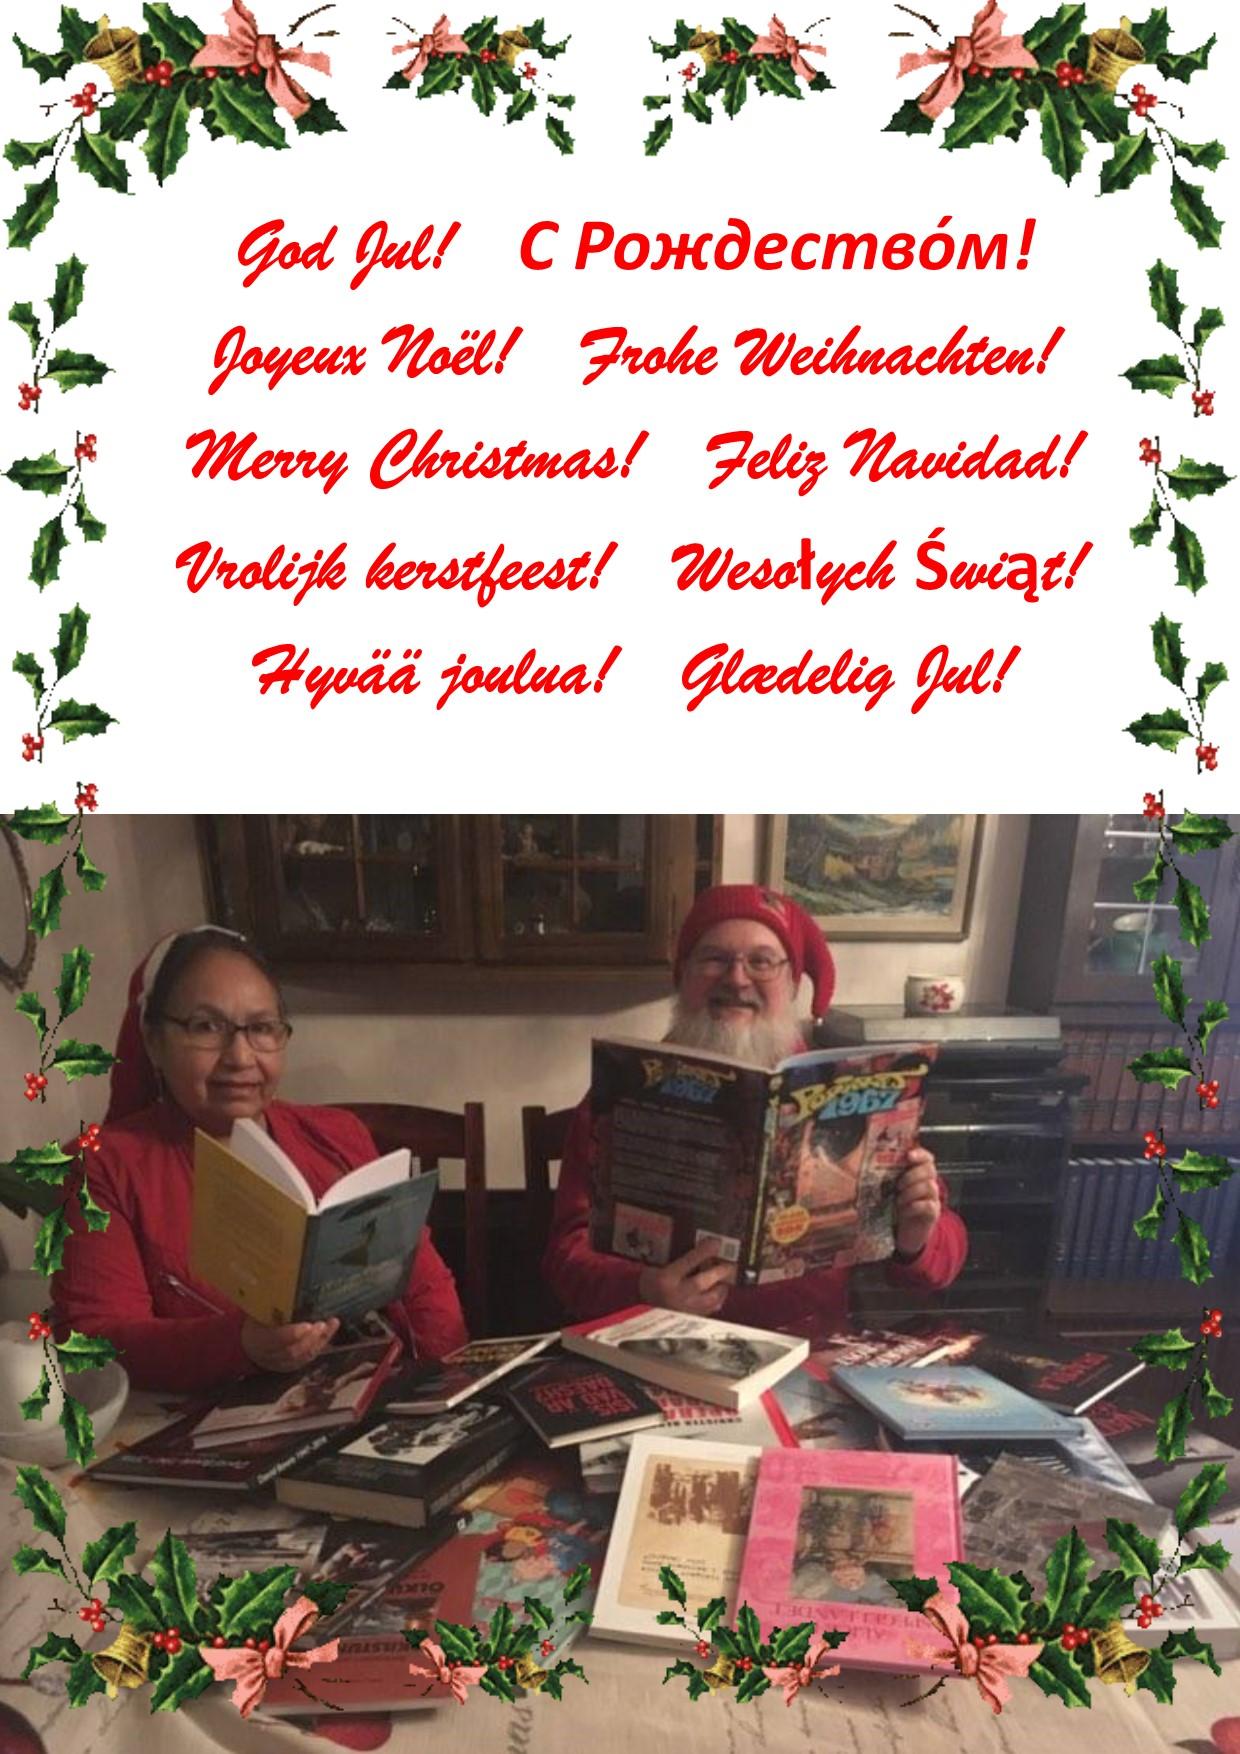 Vaktel förlag önskar alla läsare och återförsäljare en riktigt God Jul!